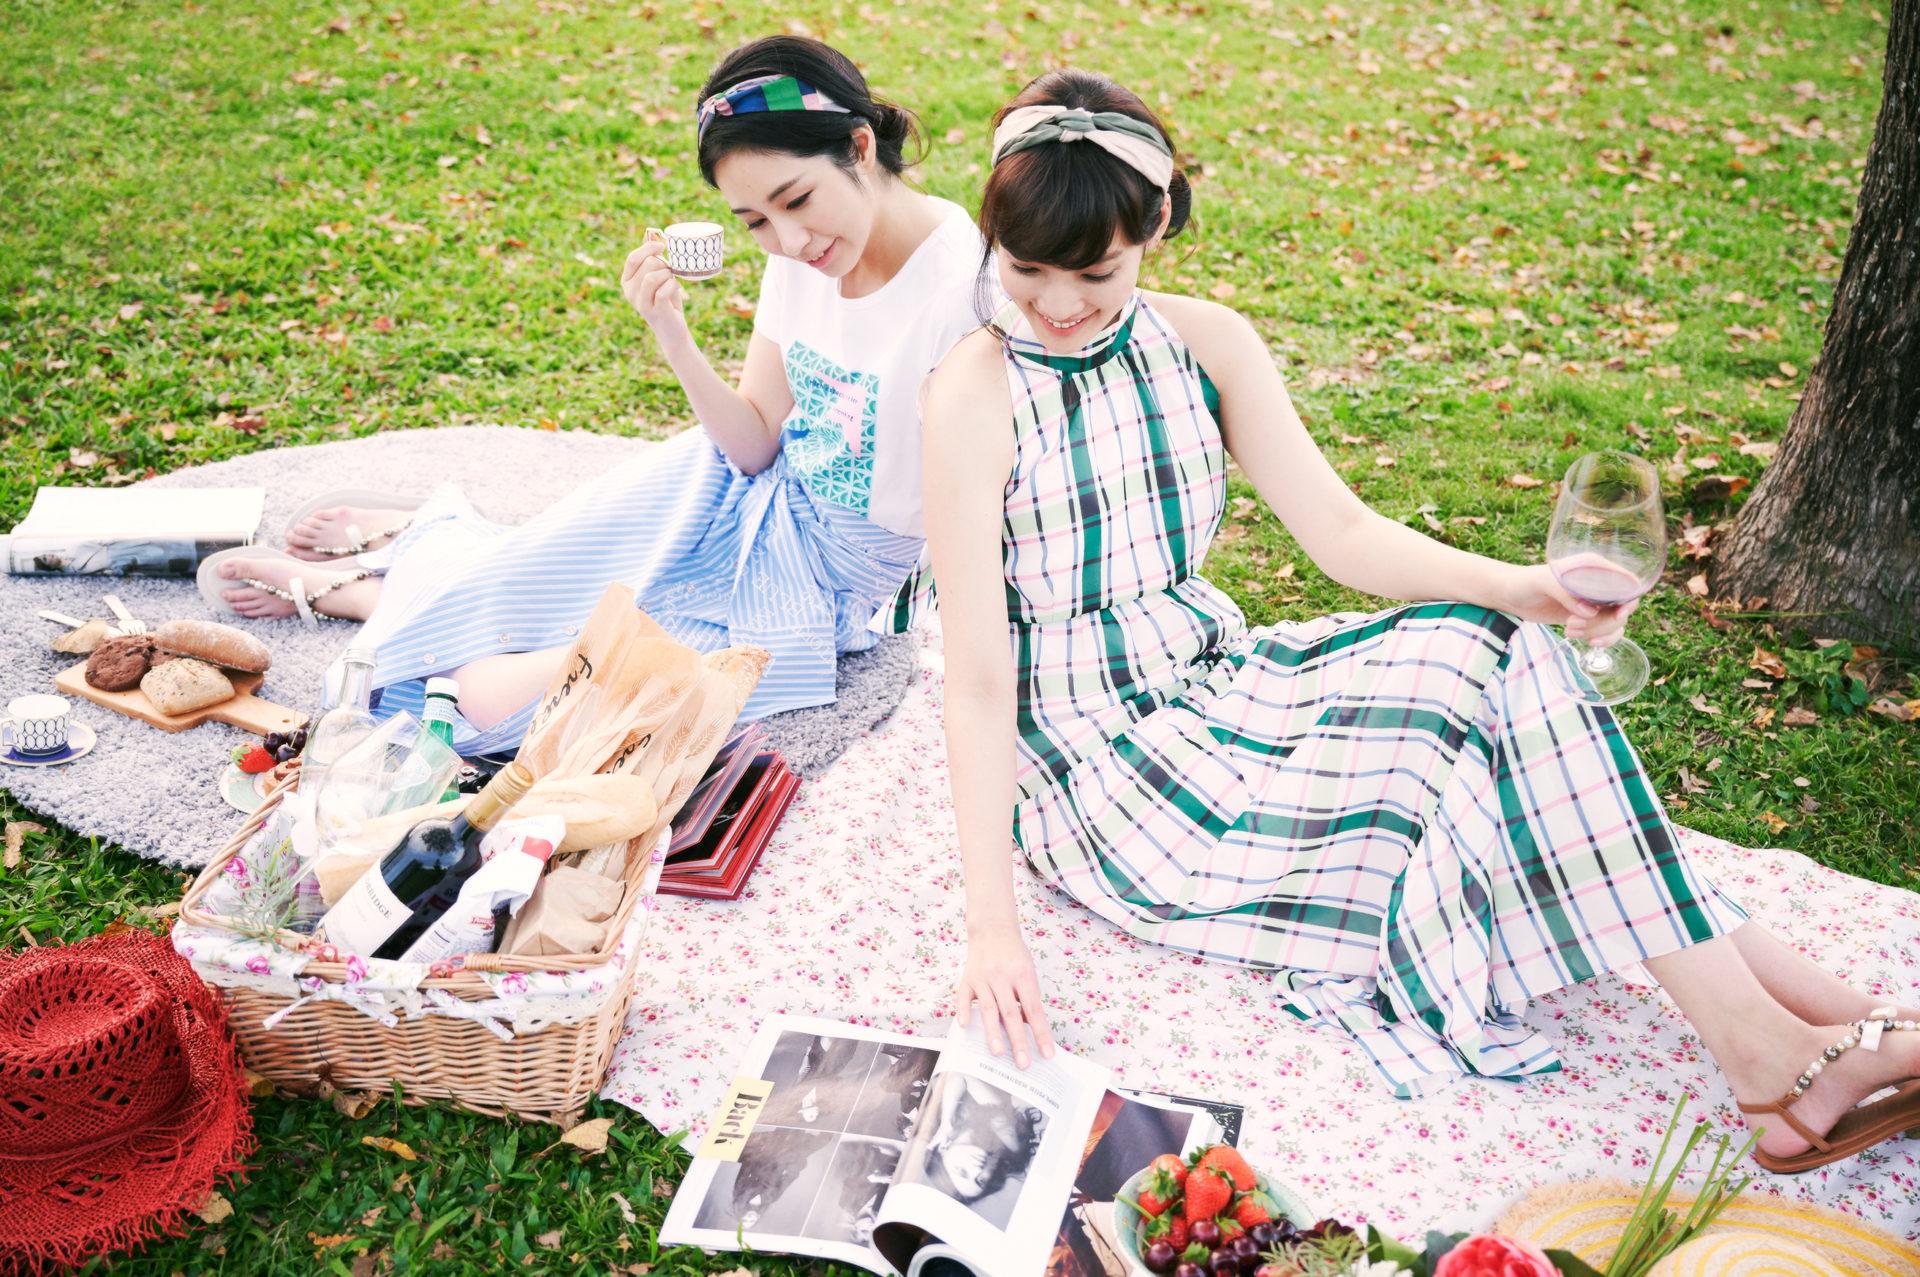 放假啦~~~連假出遊野餐女孩必備的5種時髦洋裝